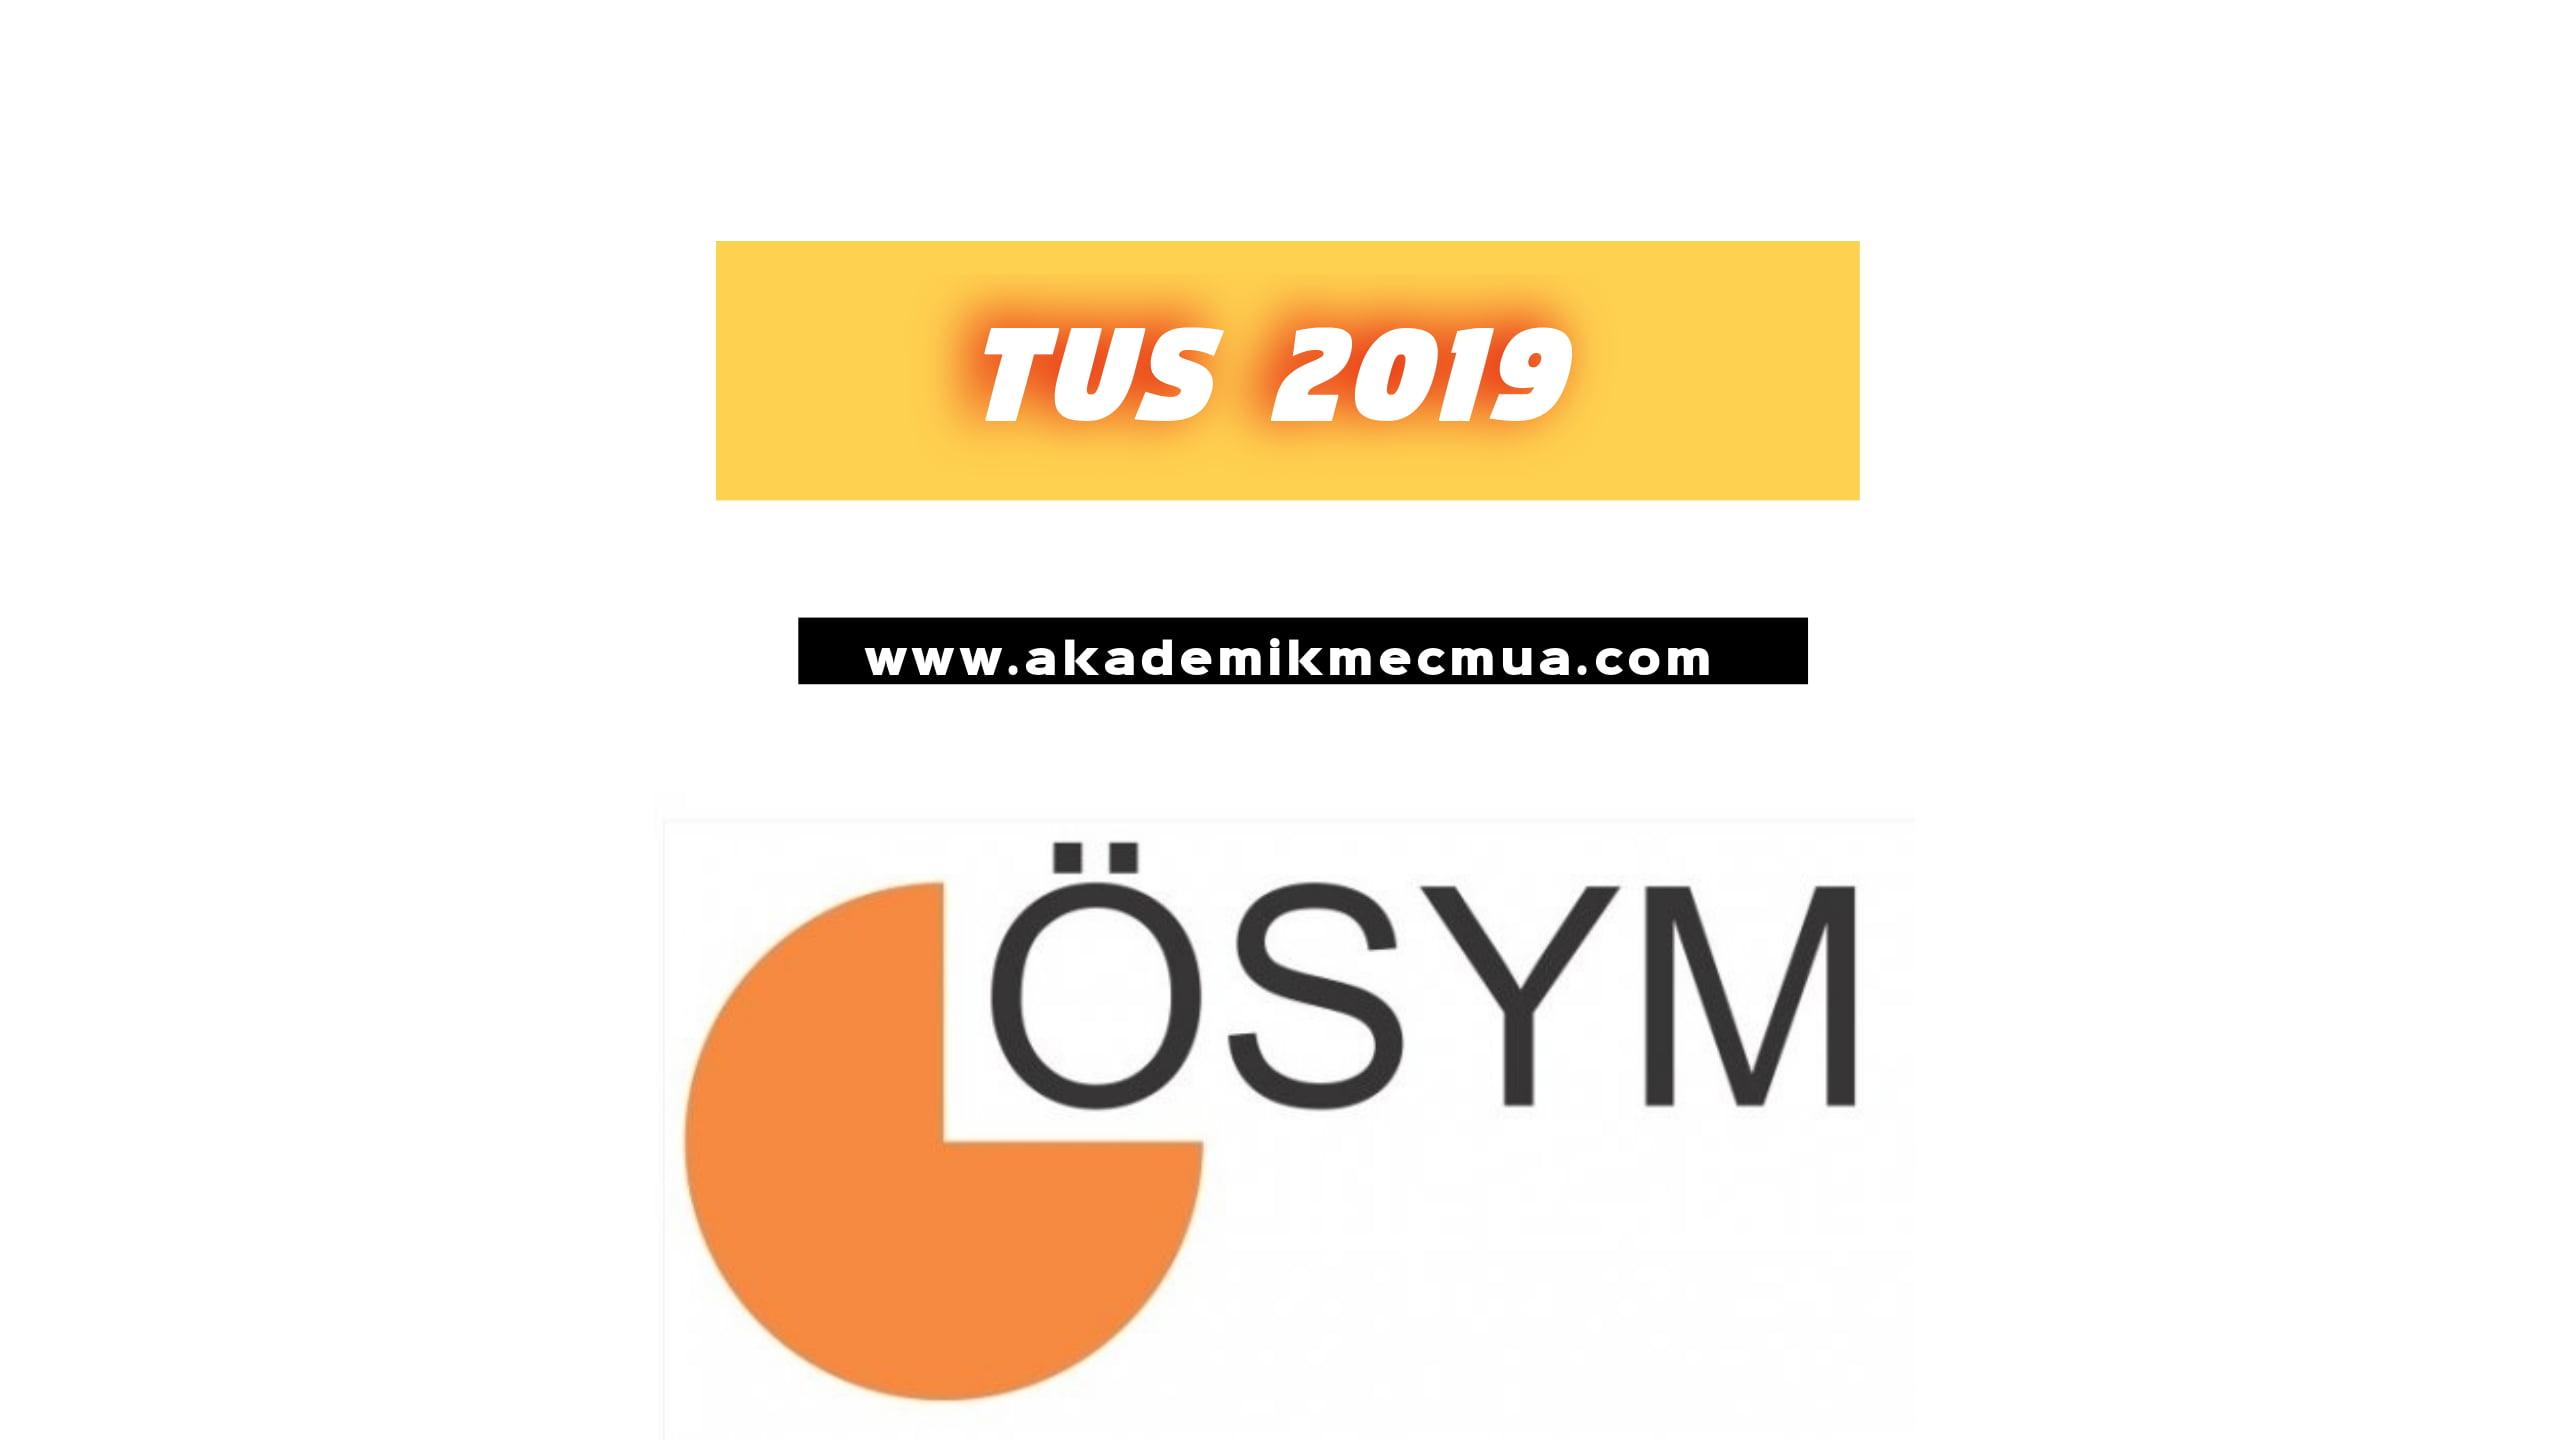 tus-2019-akademikmecmua